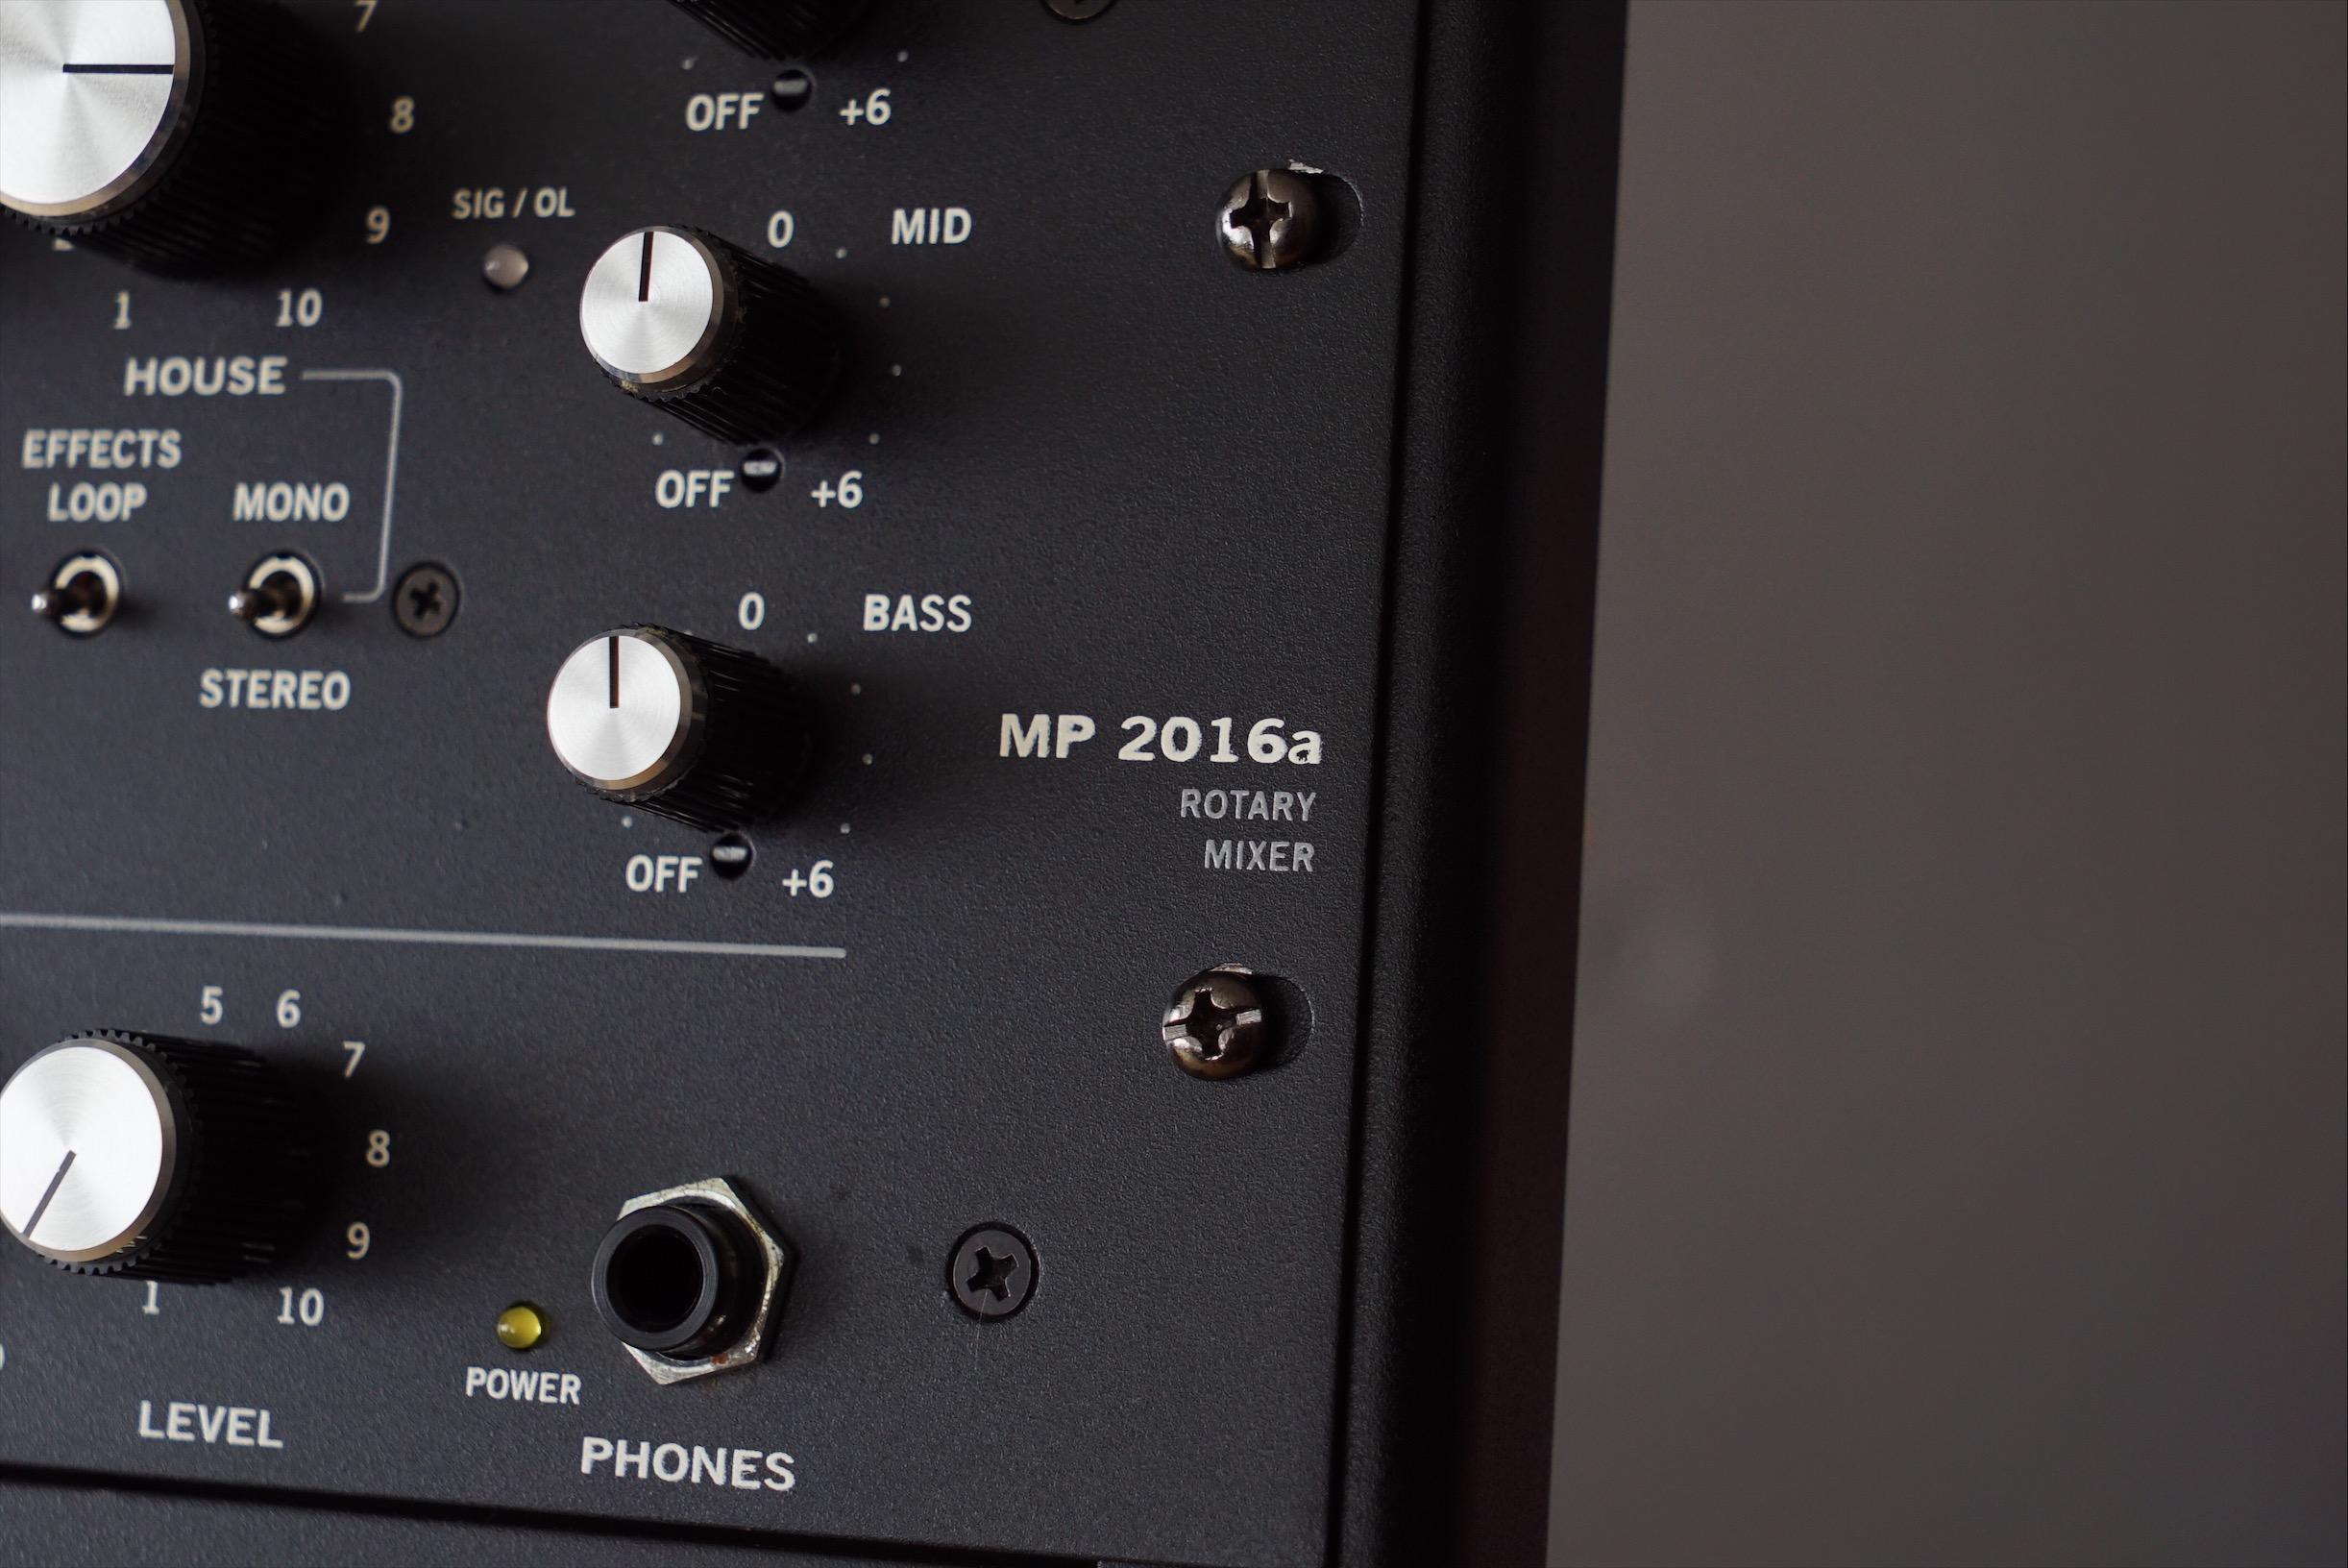 RANE MP2016a